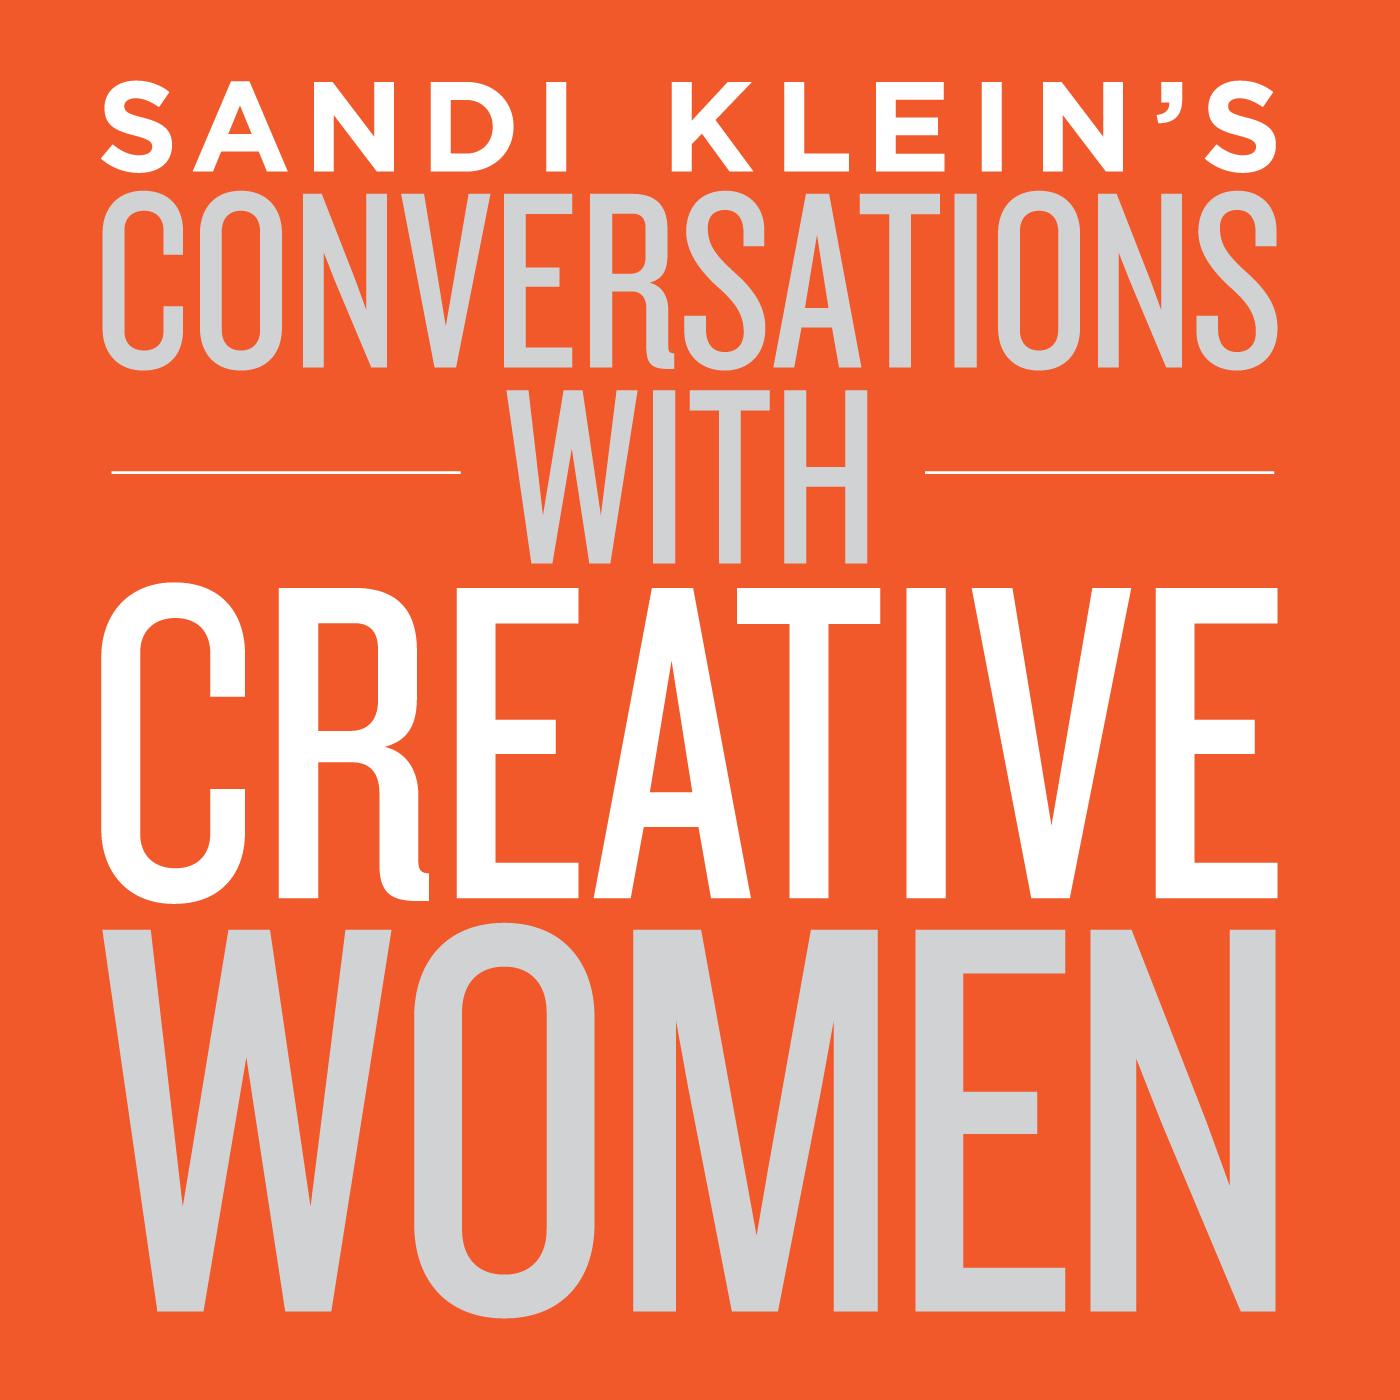 Logo of Sandi Klein's Conversation with Creative Women